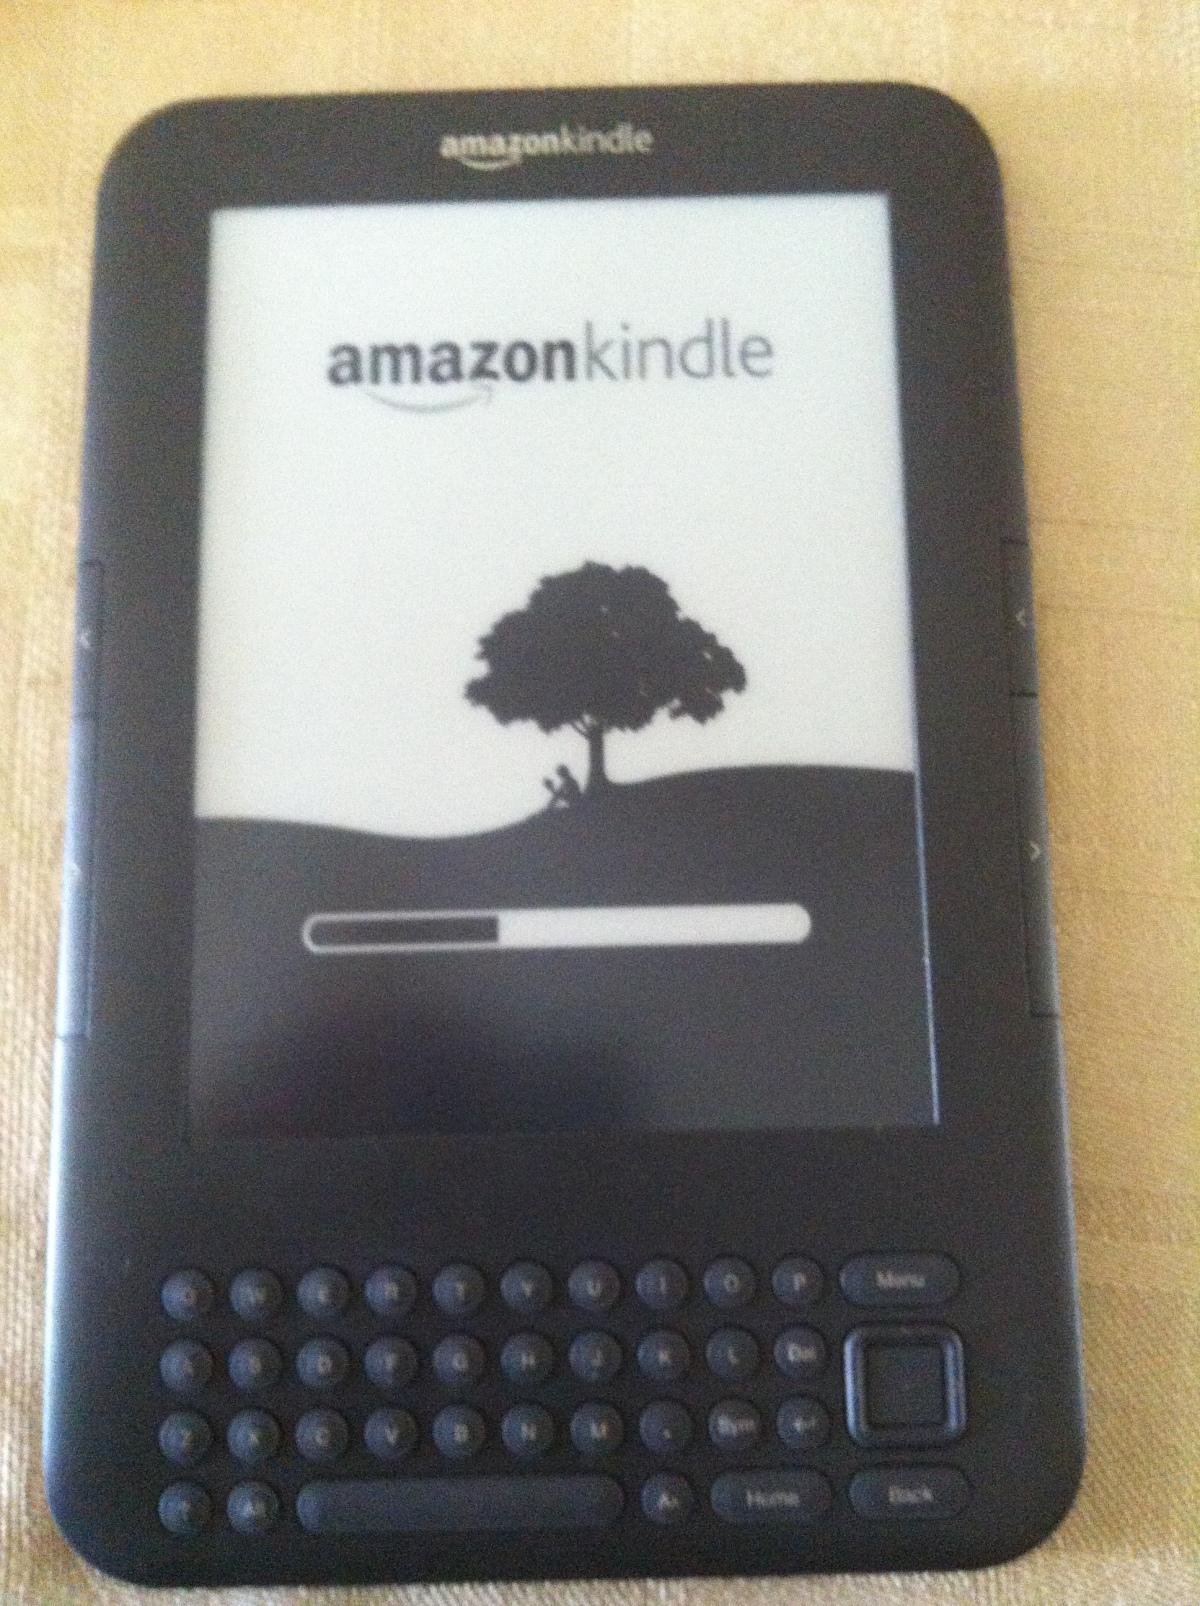 Amazon Kindle broken screen fixed.